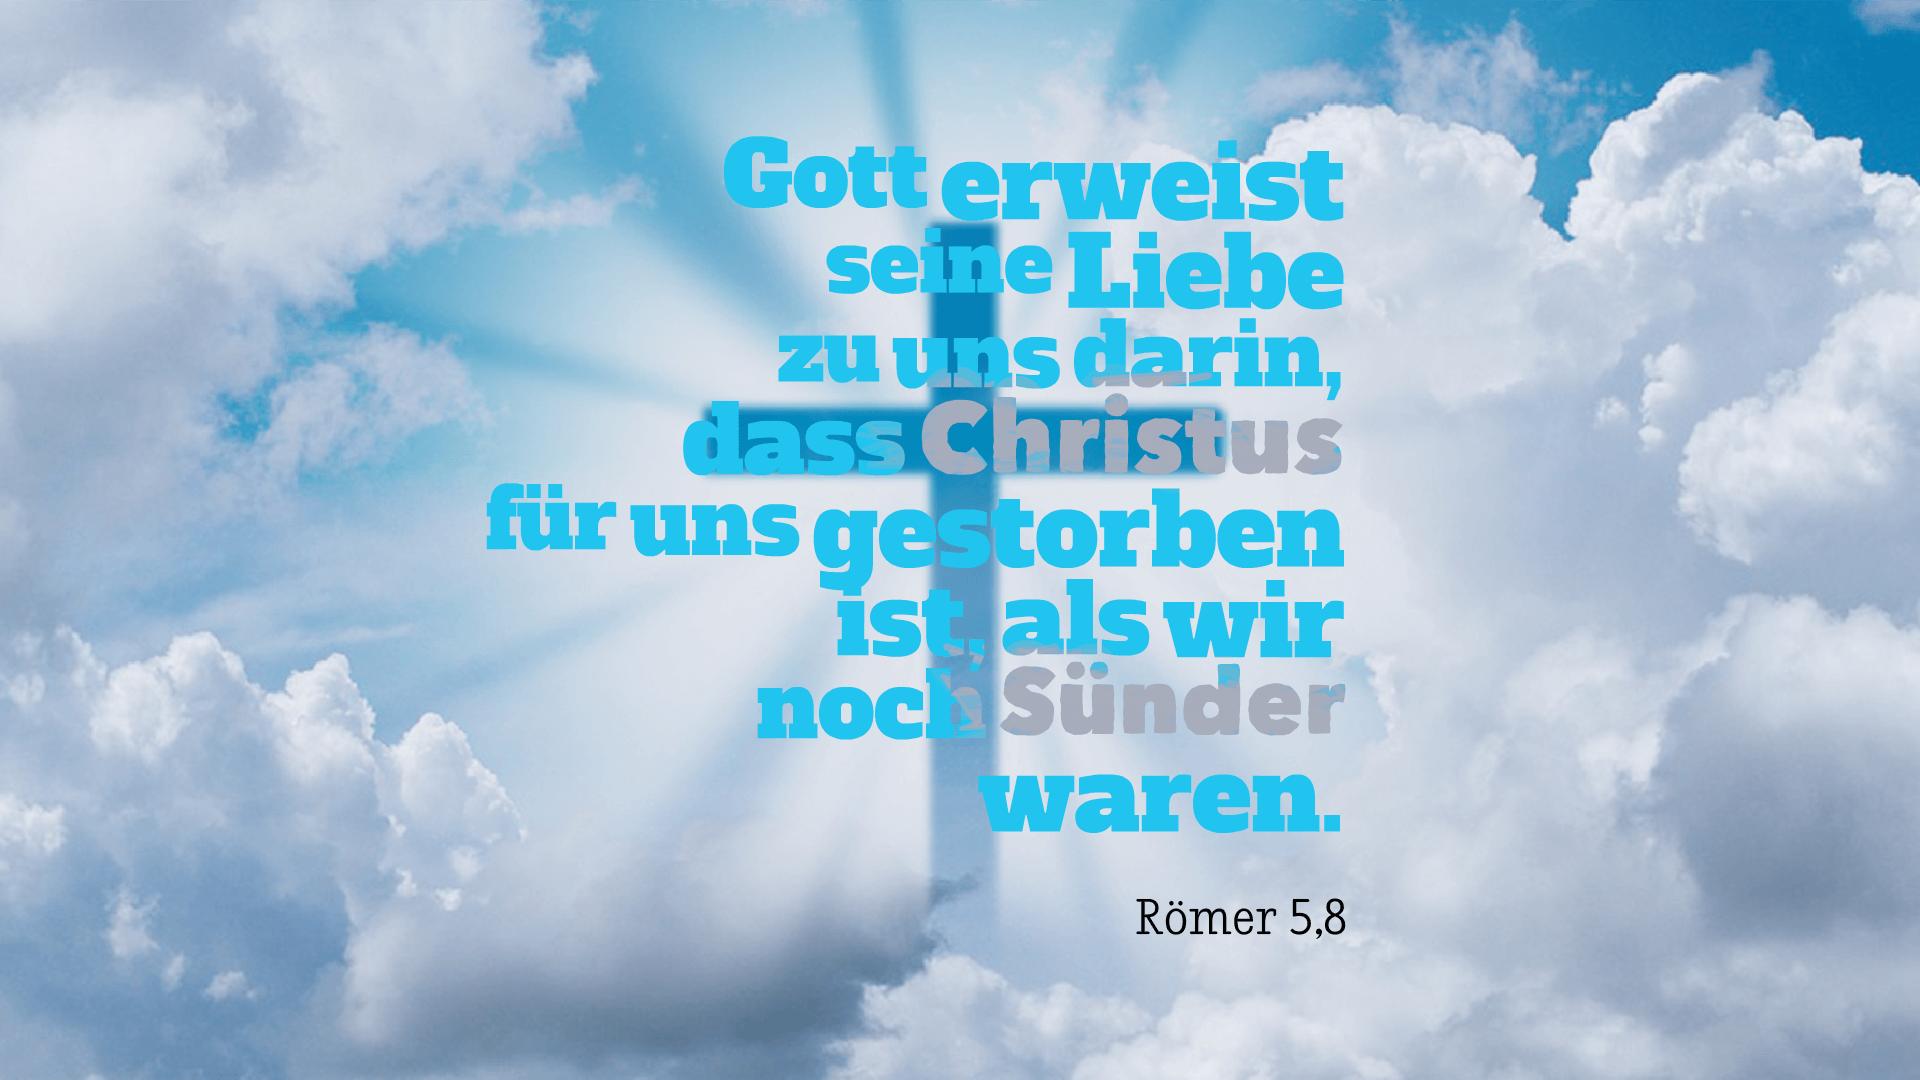 Gott erweist seine Liebe zu uns darin, dass Christus für uns gestorben ist, als wir noch Sünder waren. - Römer 5,8